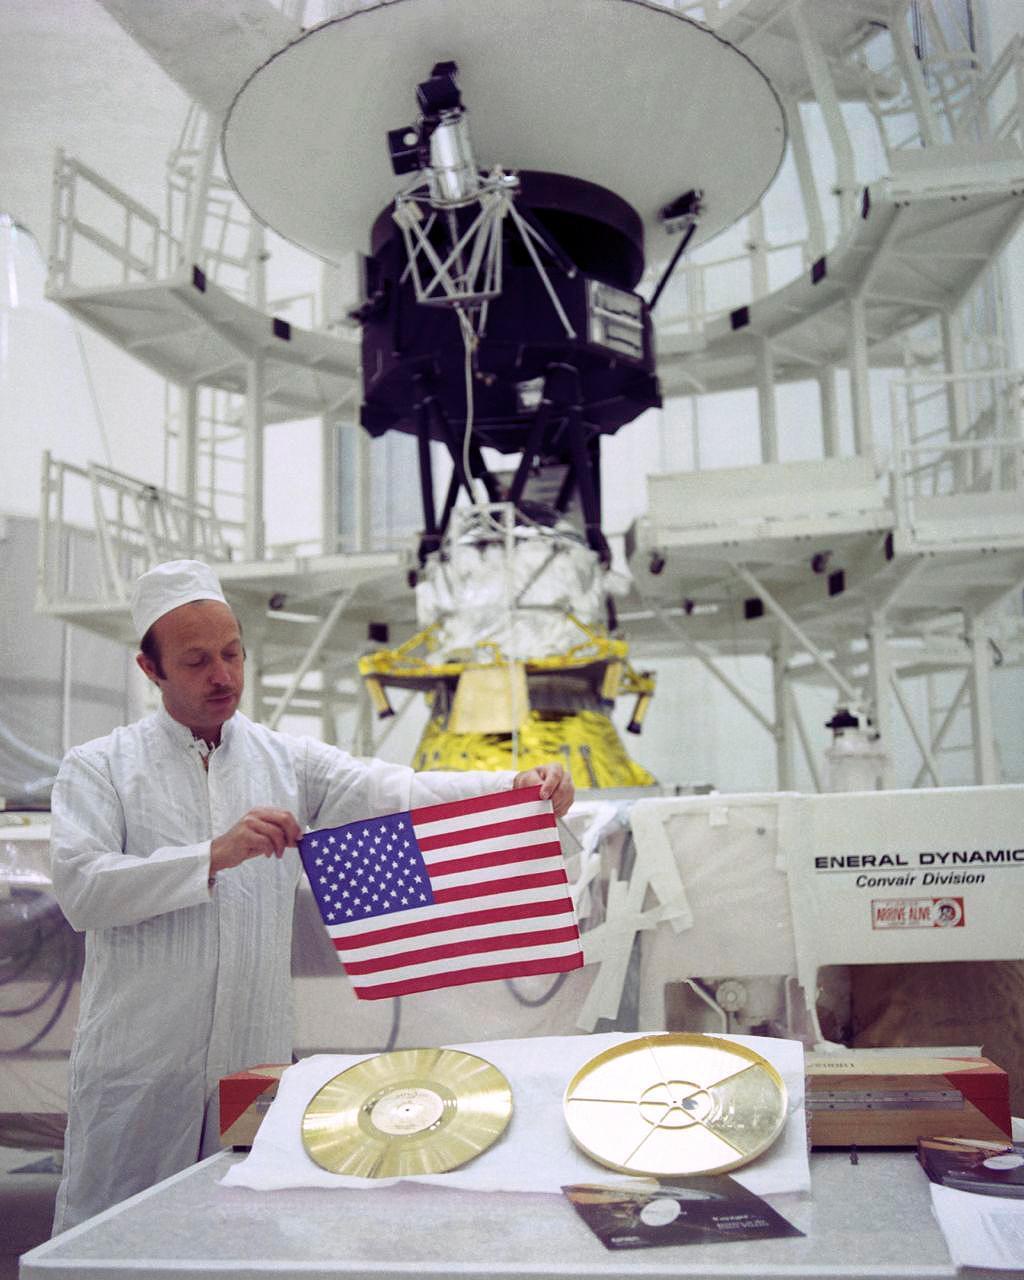 ゴールデンレコードとアメリカ国旗